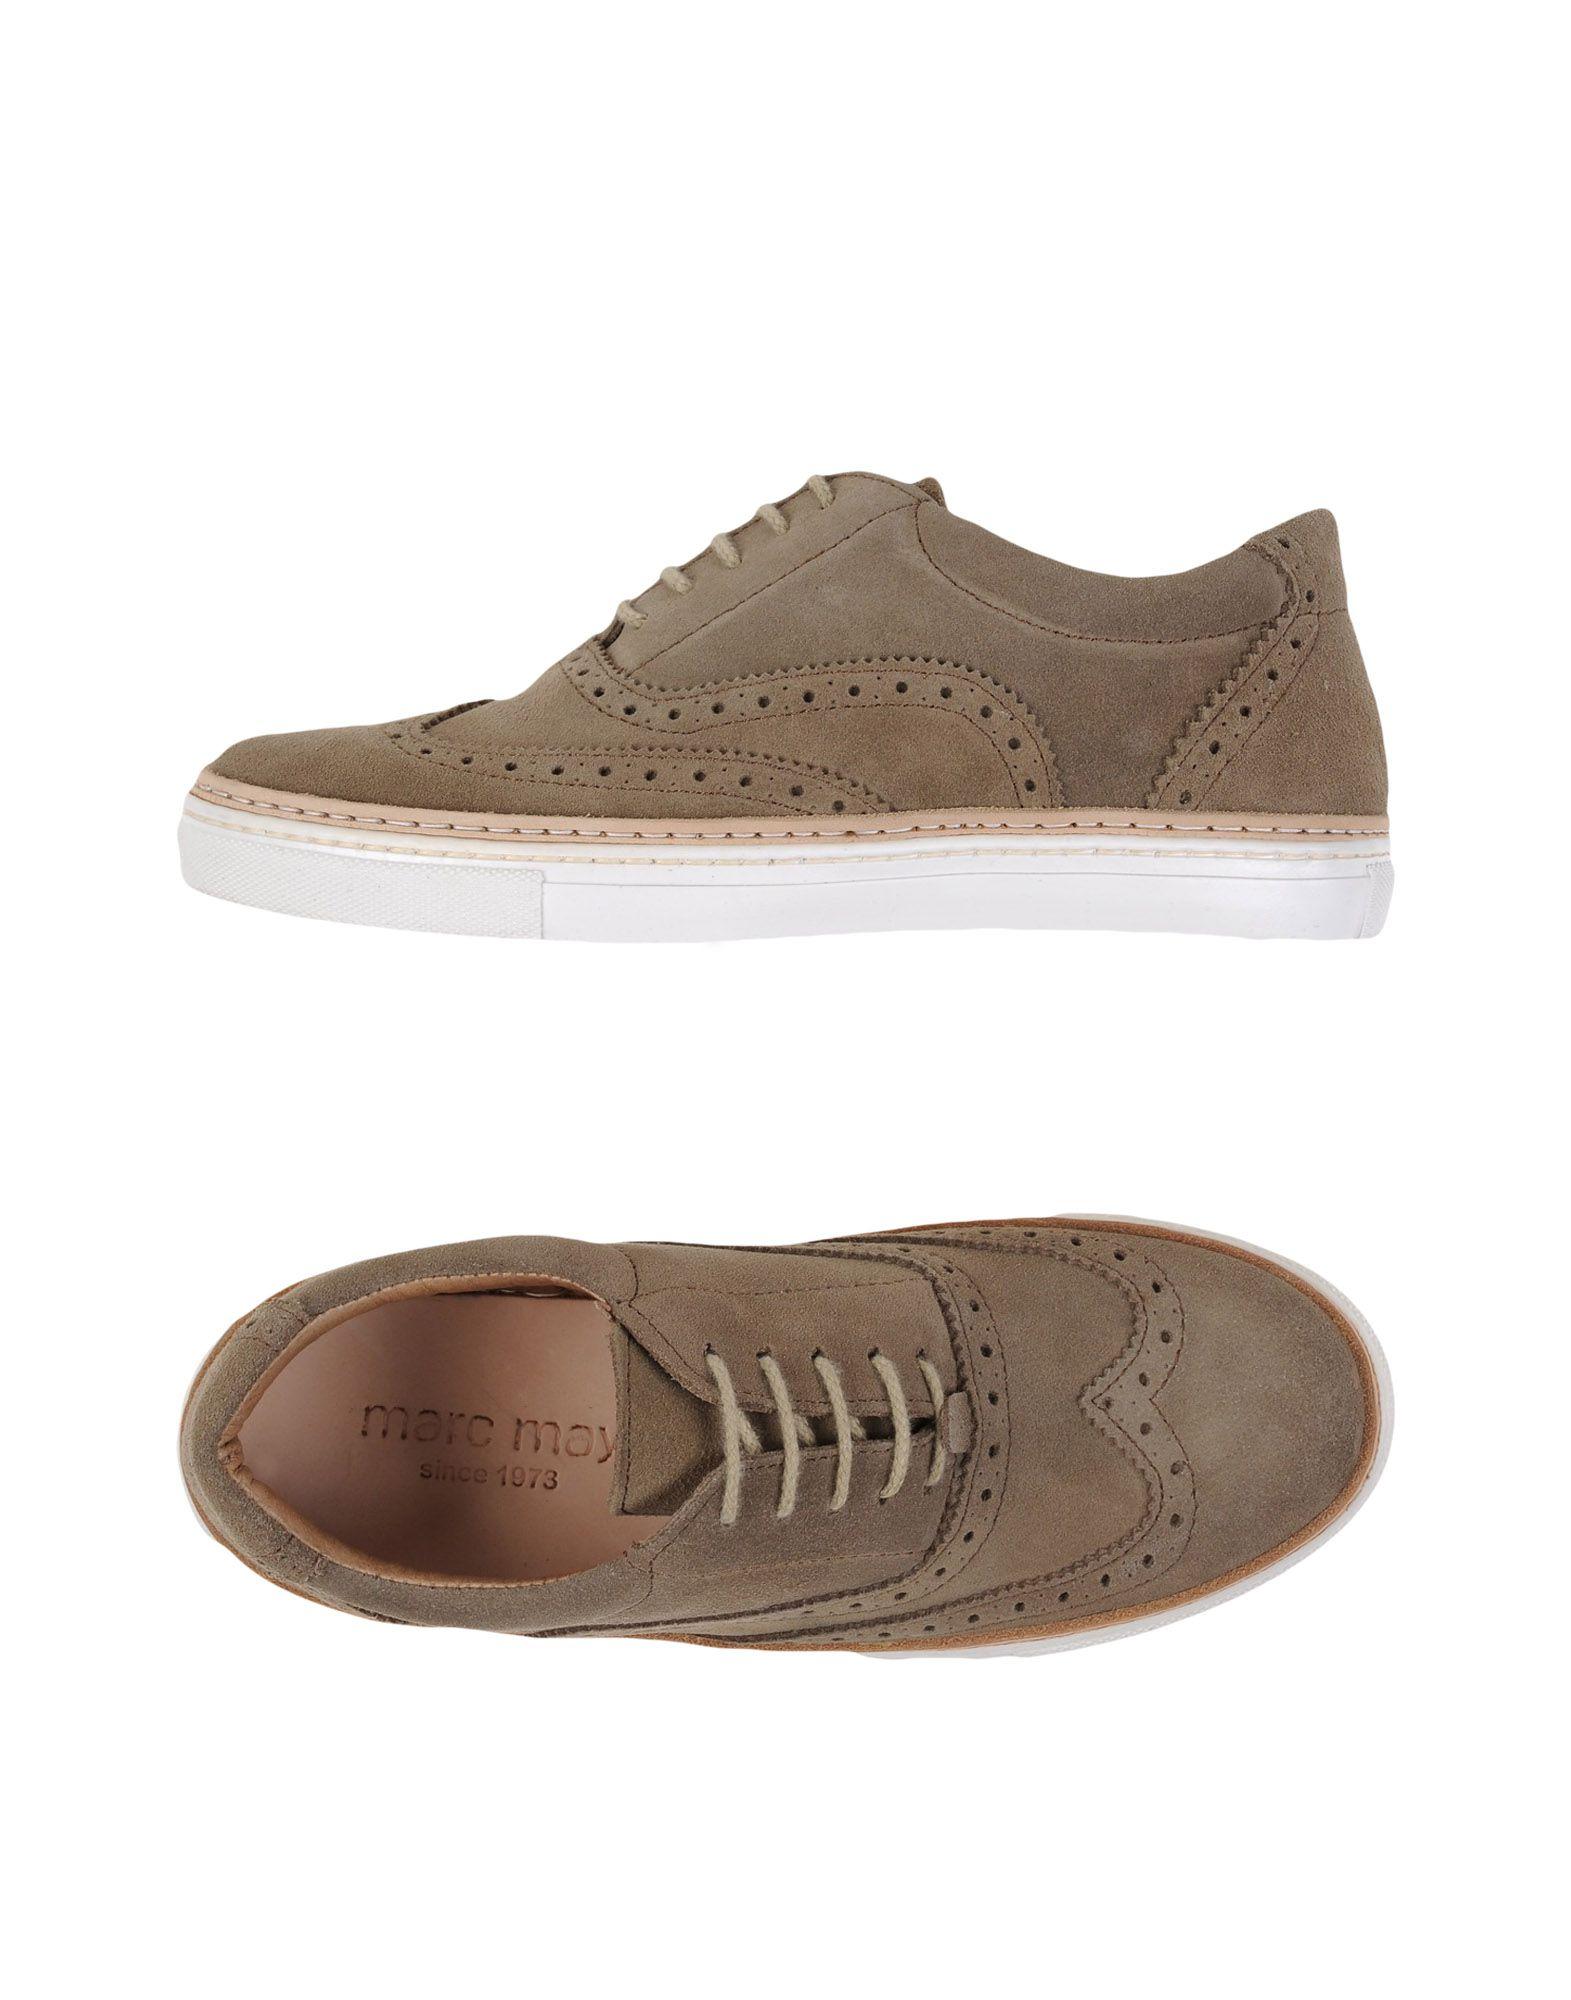 MARC MAY Обувь на шнурках metabo